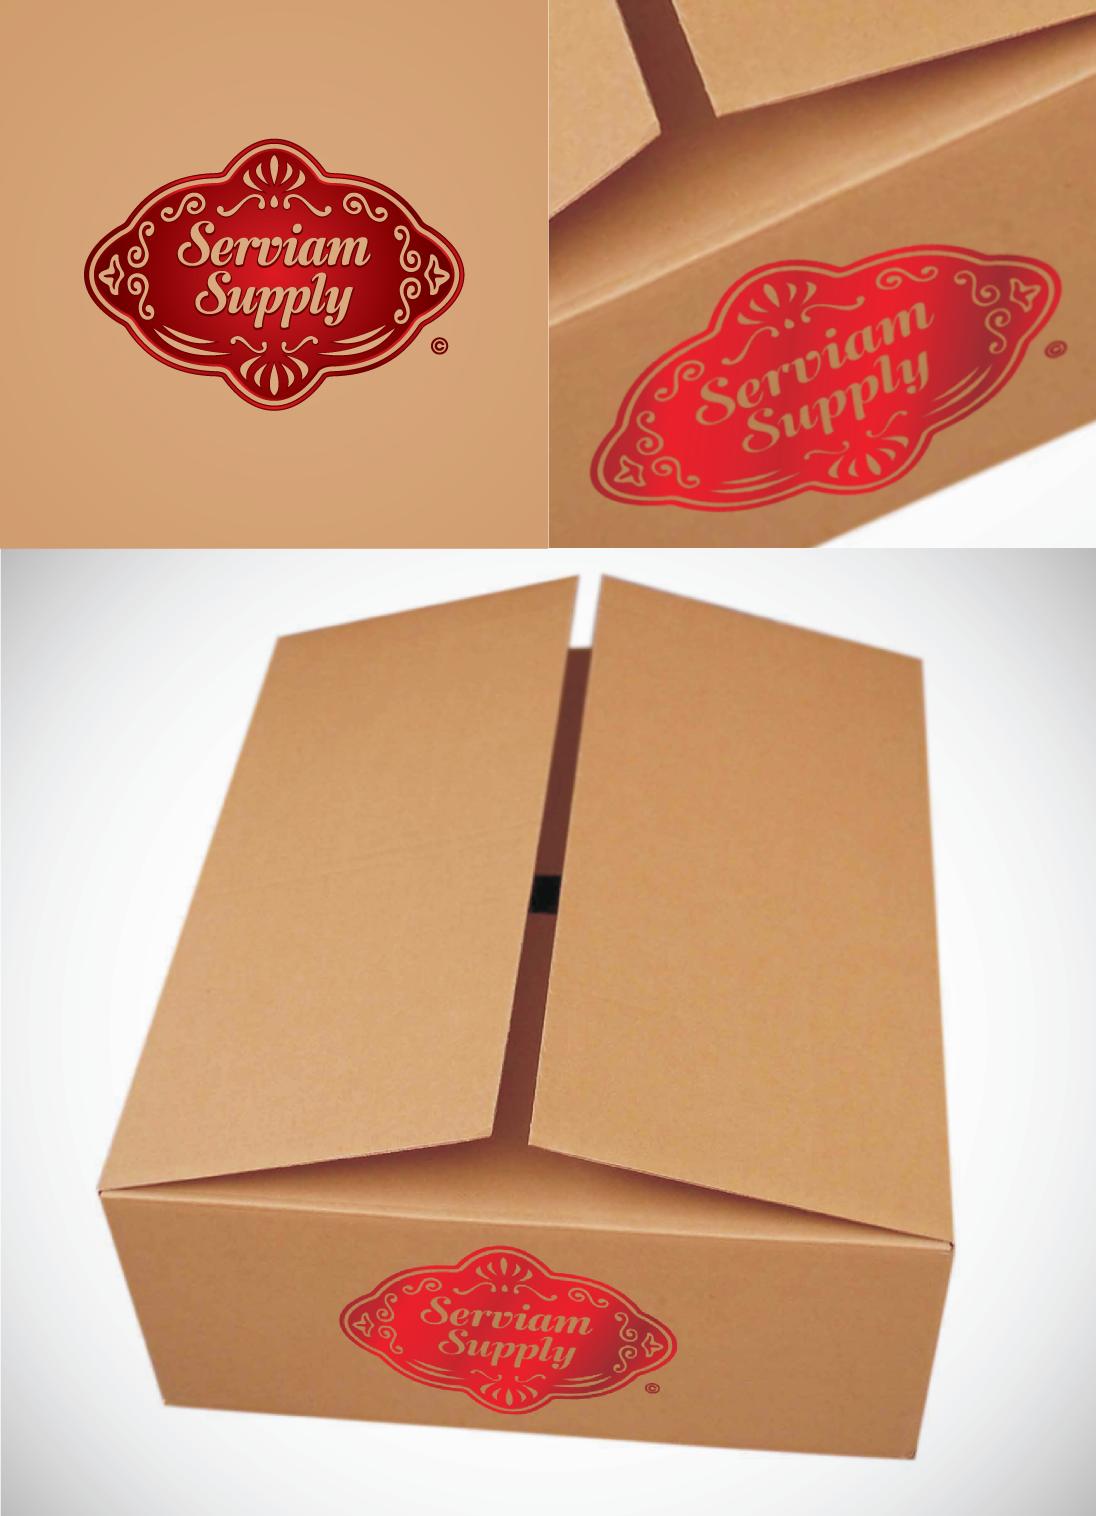 logo for Serviam Supply